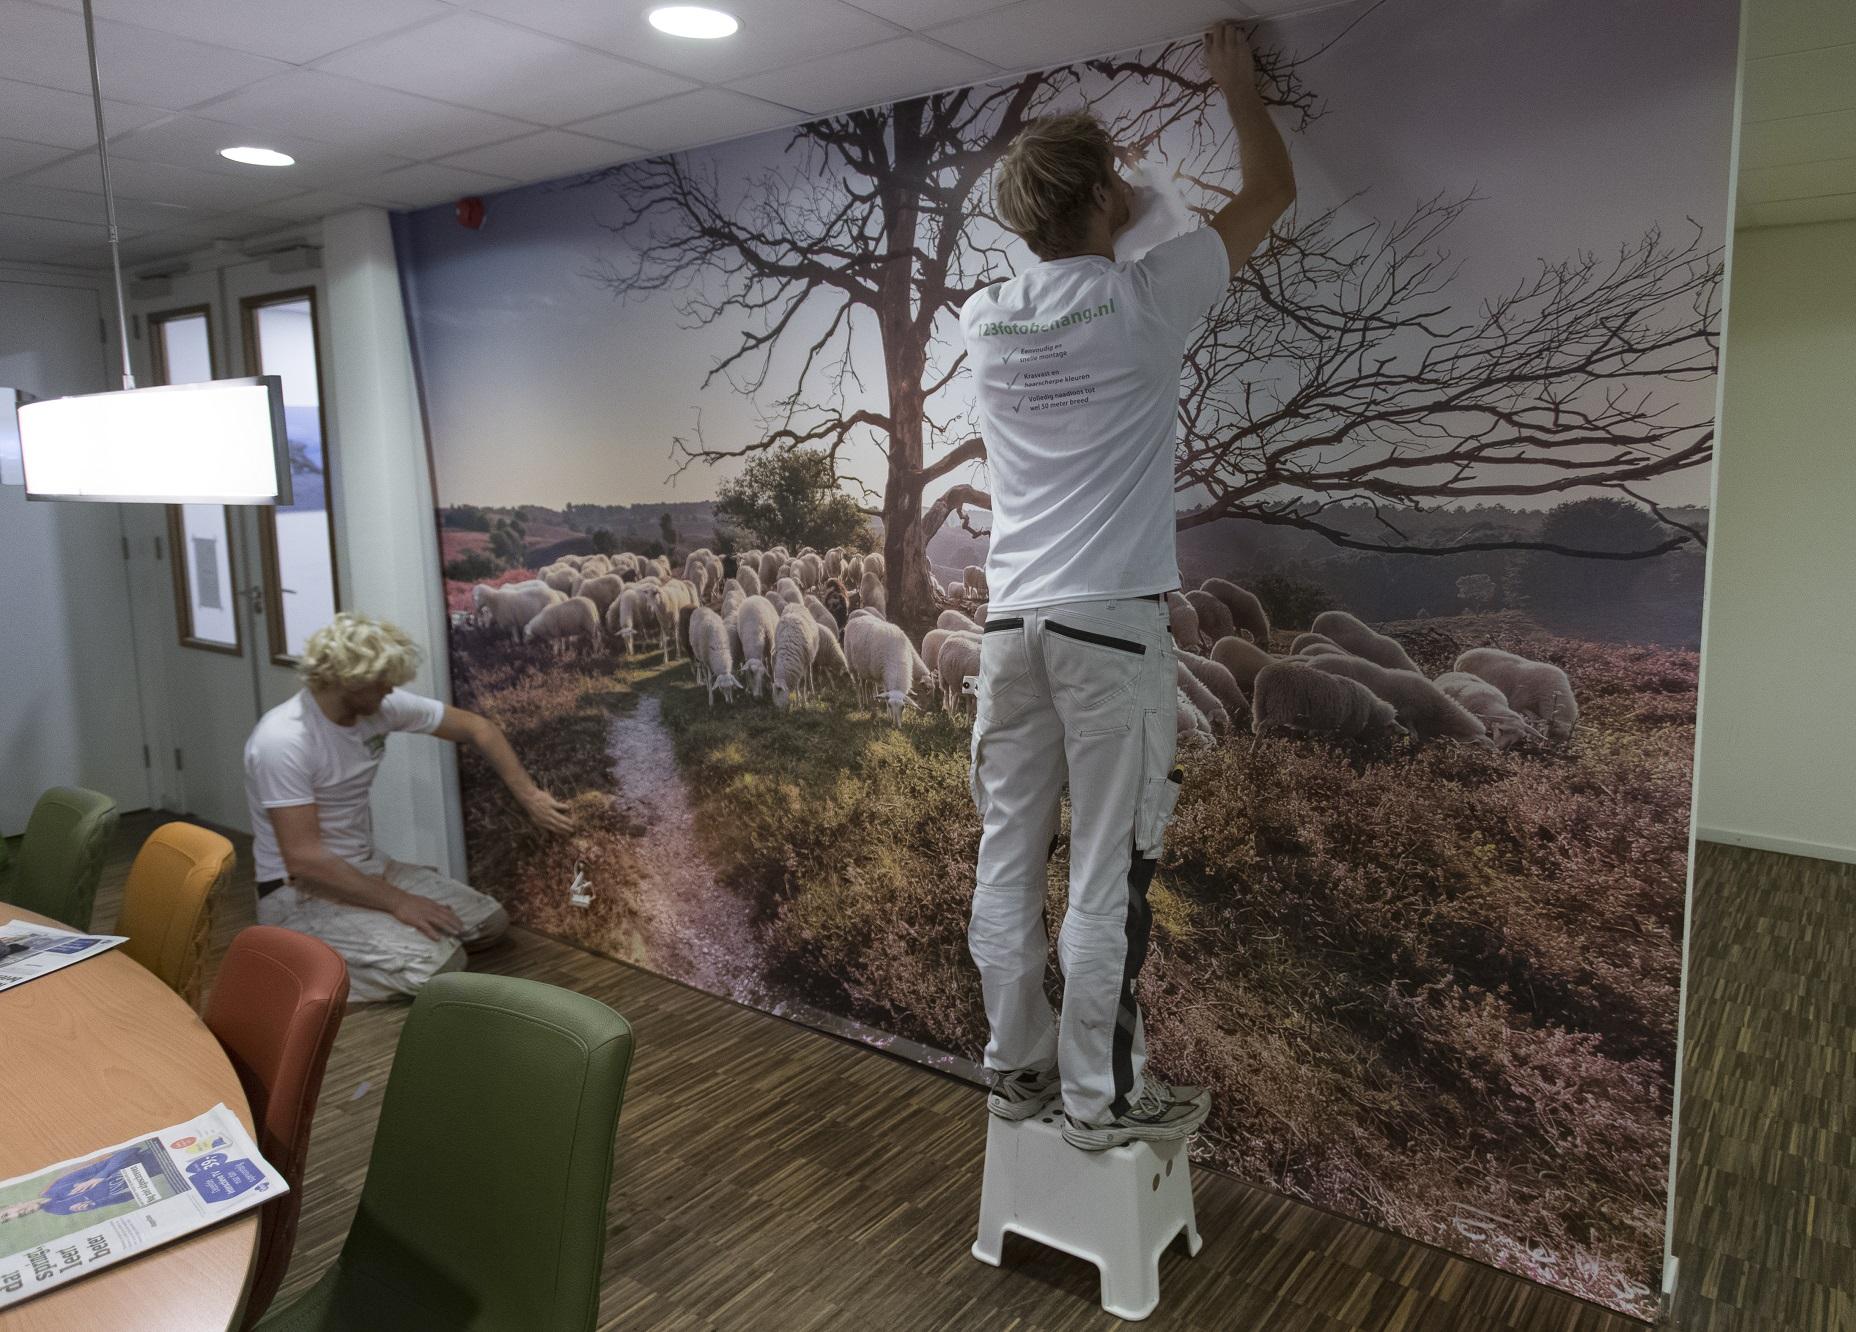 Natuur aan de muur - fotobehang op maat | 123Fotobehang